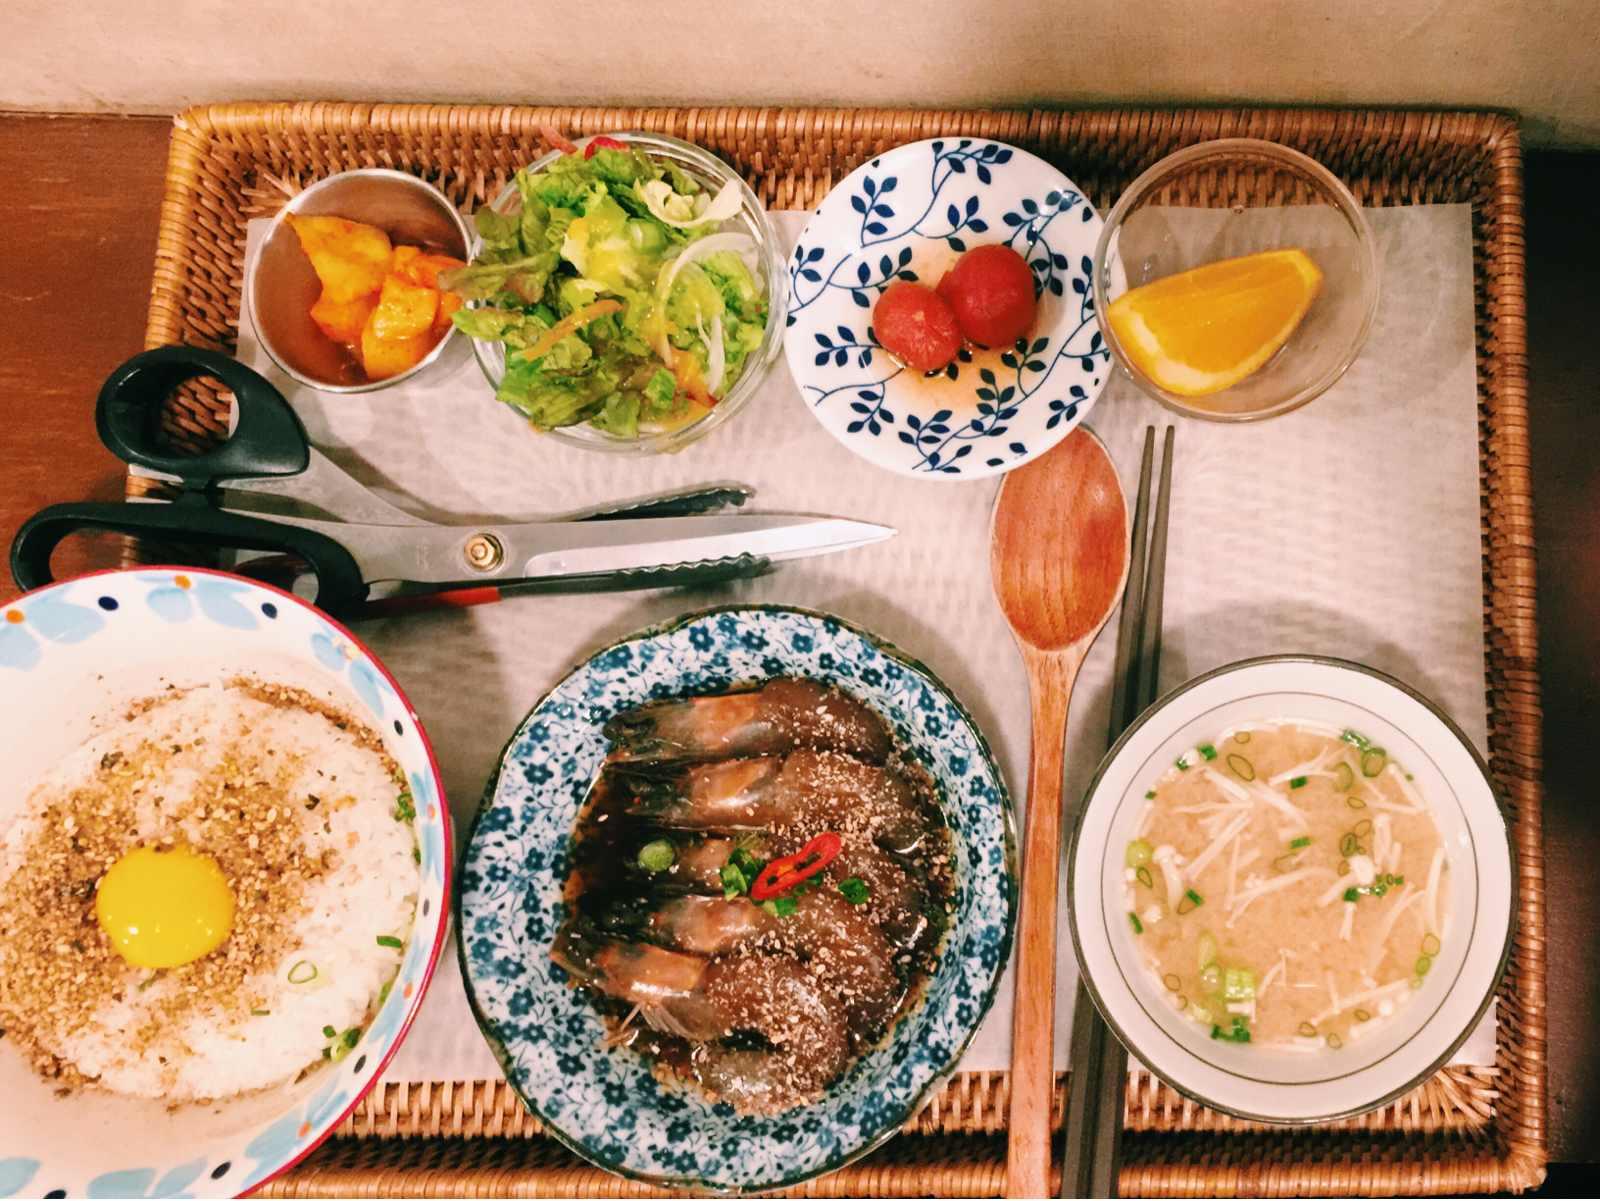 生蝦醬飯算是少年食堂的招牌餐點。這一份對敢吃生食的人來說會非常夠味! 價格10000元韓幣,台幣不到300塊,以這樣的份量來說真的很划算呢!